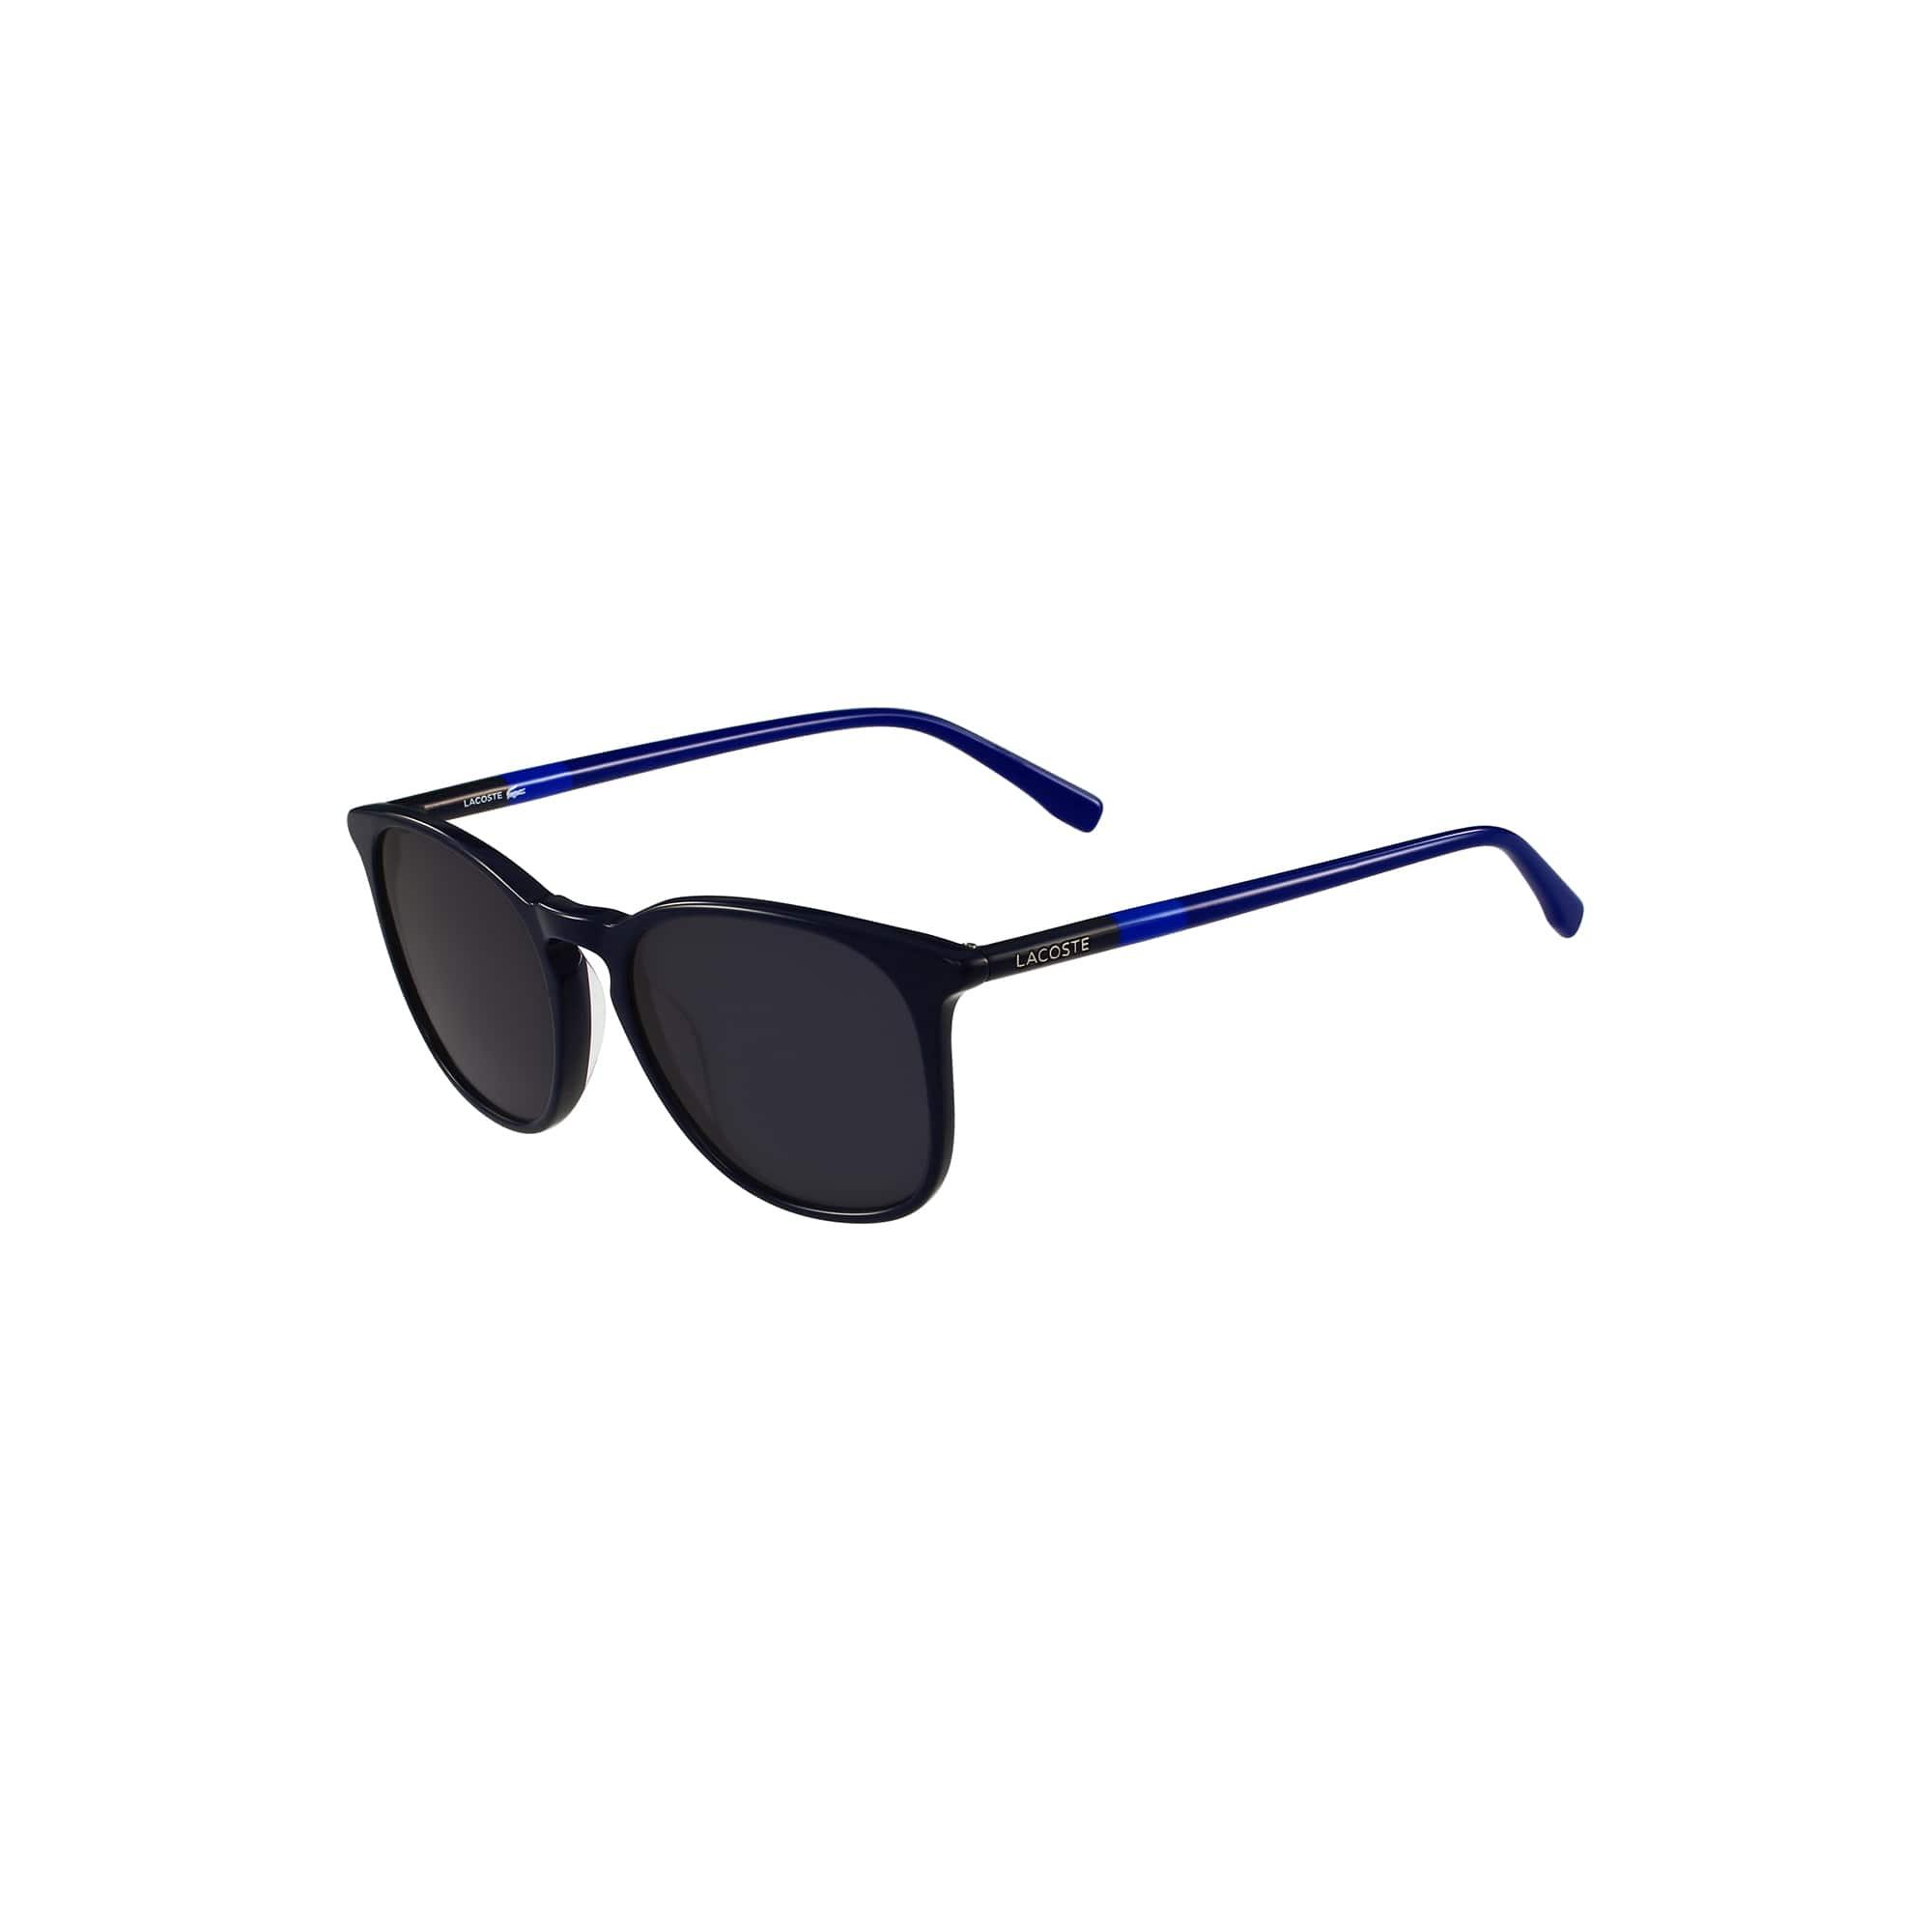 affc7aabbd7b Women s Vintage Keyhole Bridge Sunglasses